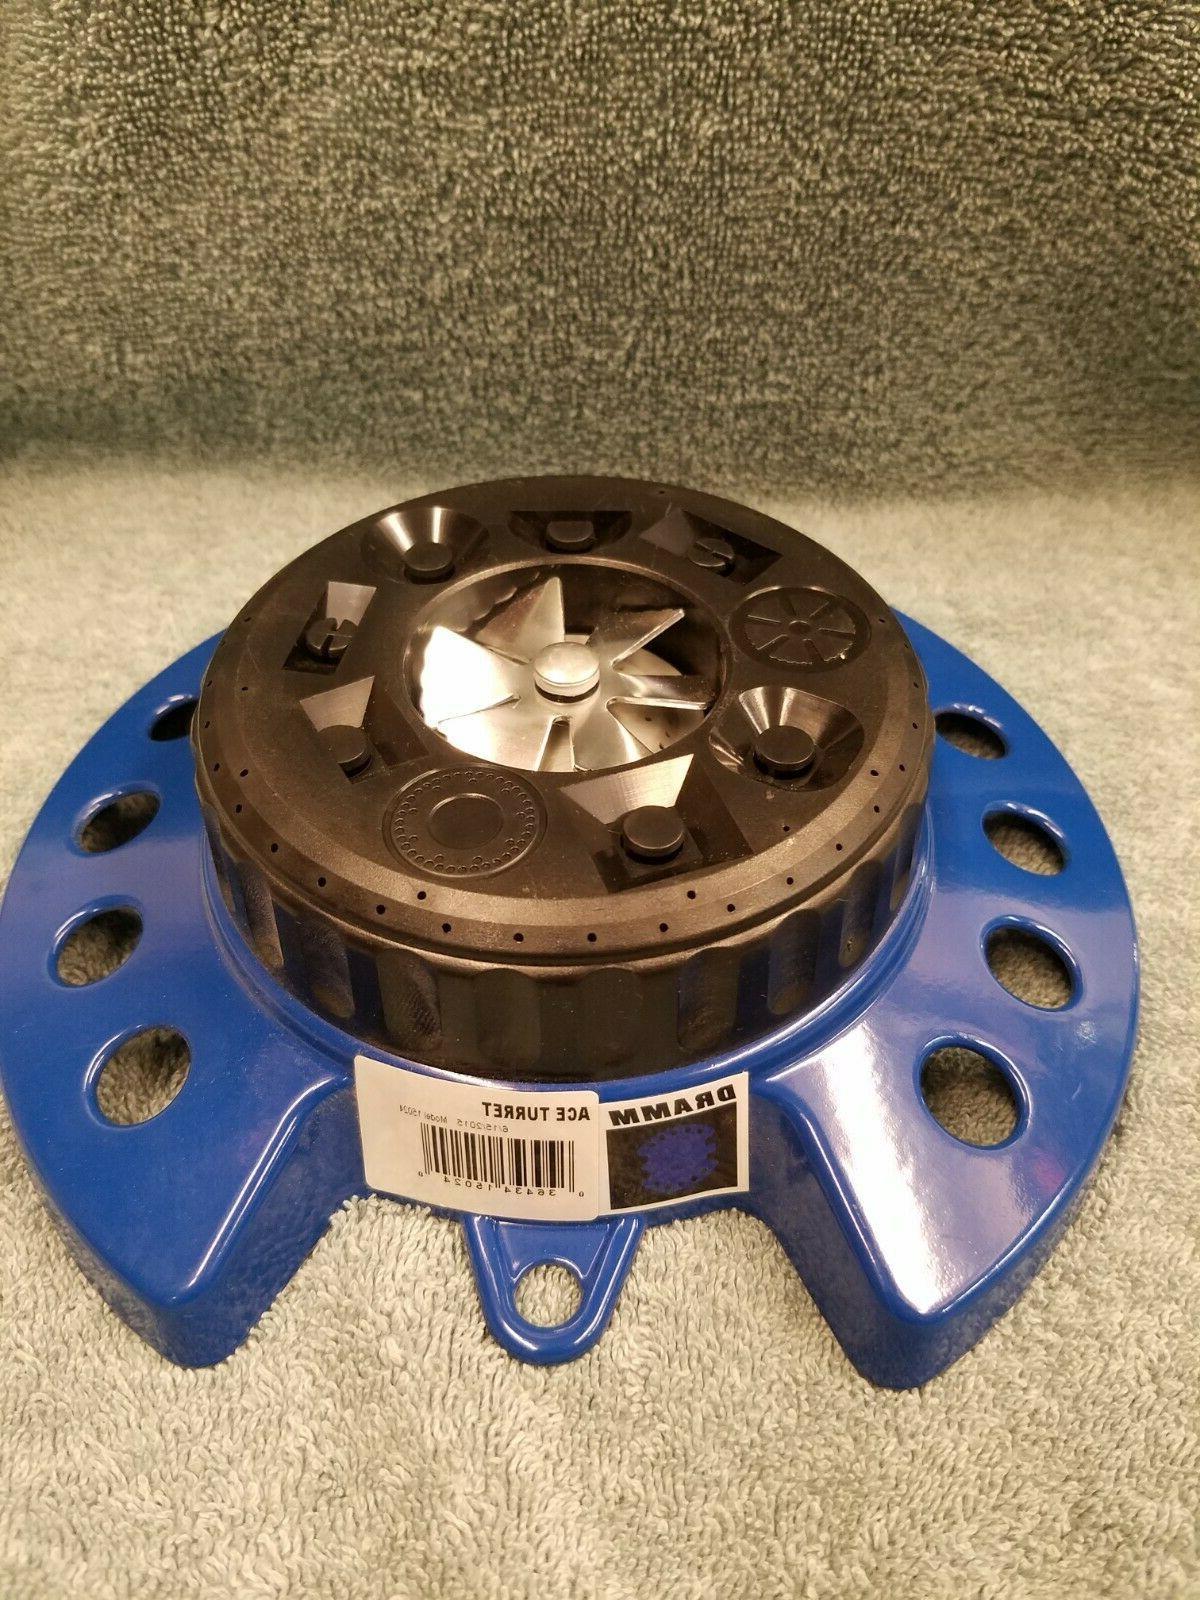 10 15024 color storm turret sprinkler blue